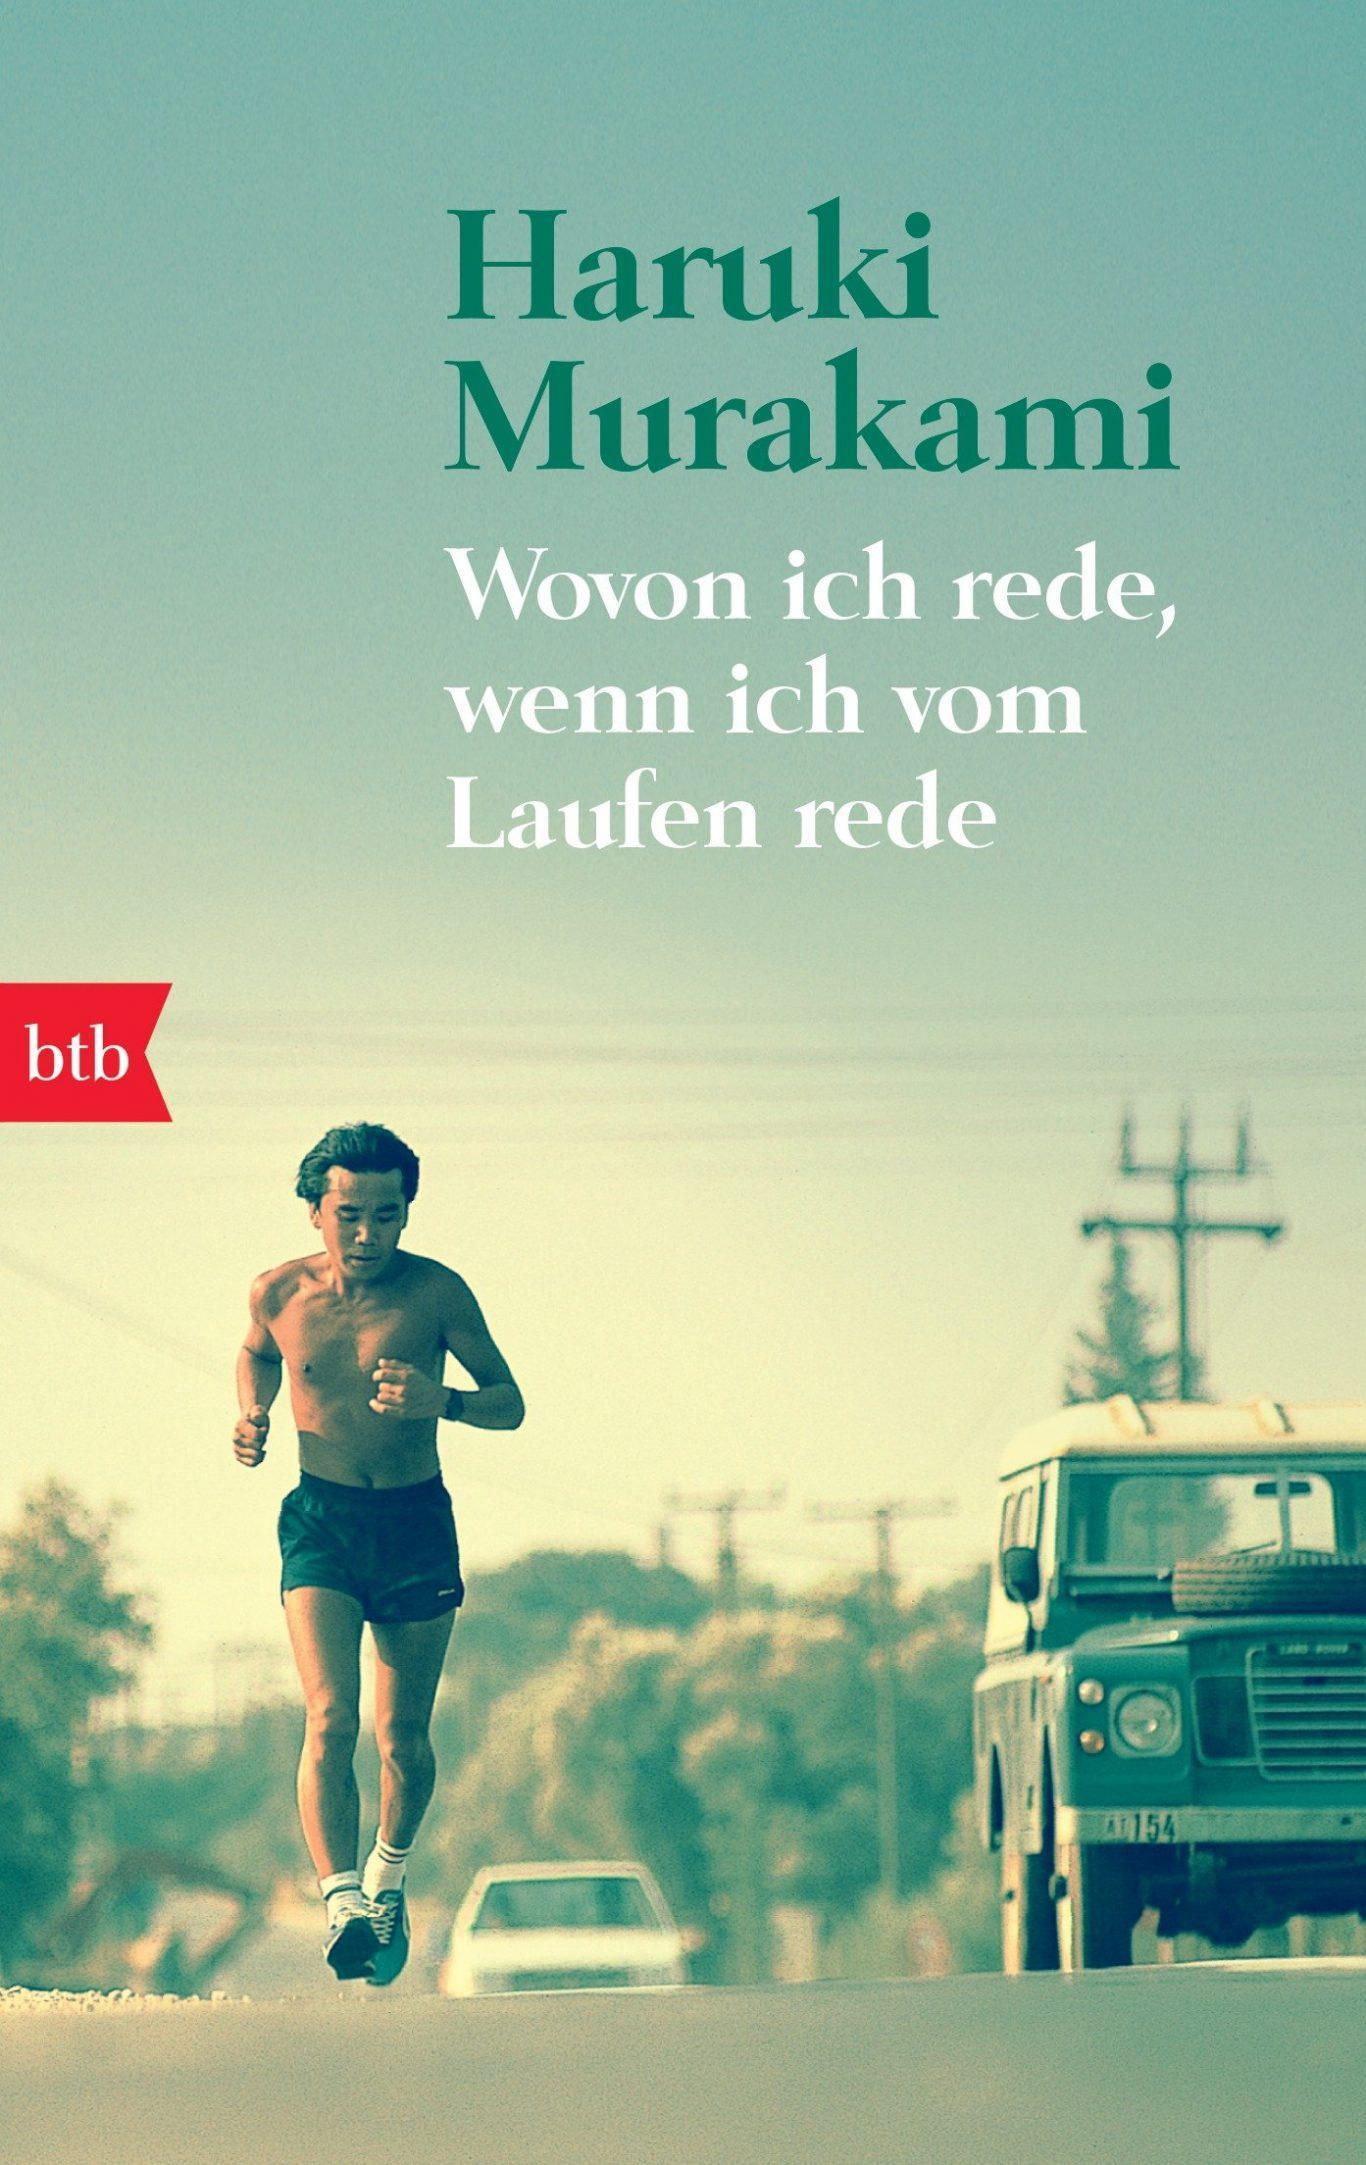 """Haruki Murakami """"Wovon ich rede, wenn ich vom Laufen rede"""""""